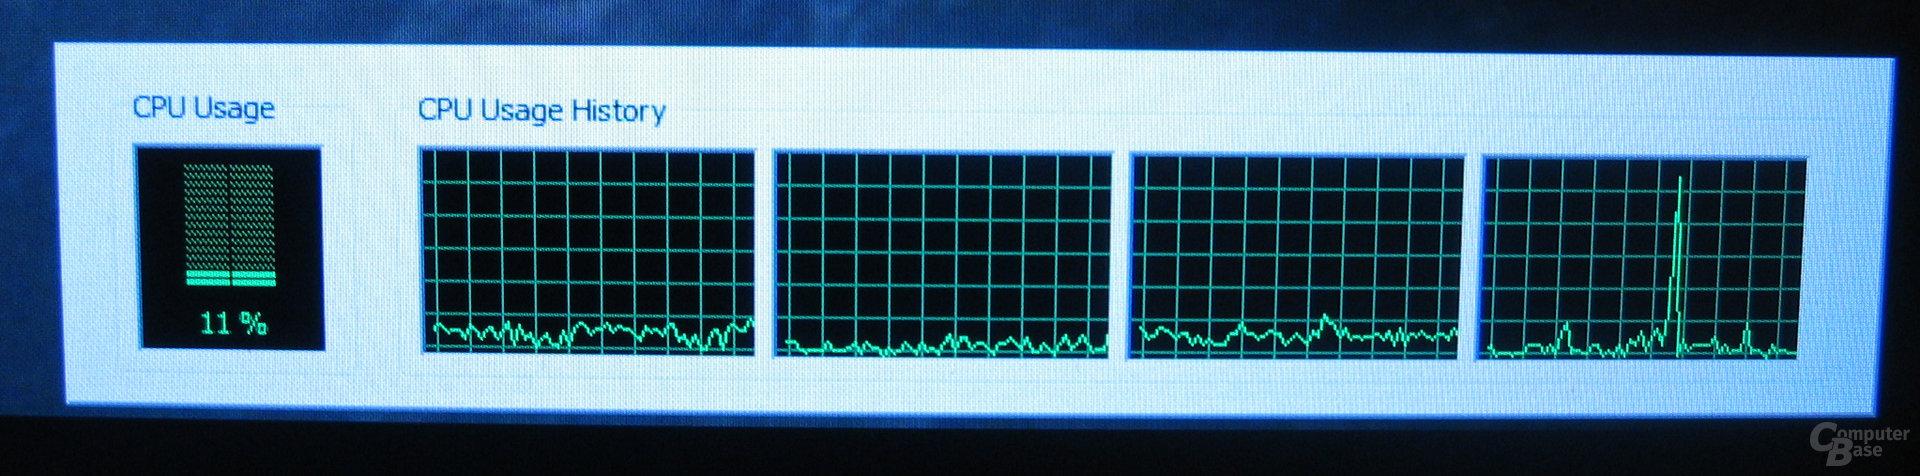 """Energiebedarf """"Spider-Plattform"""" CPU-Last"""